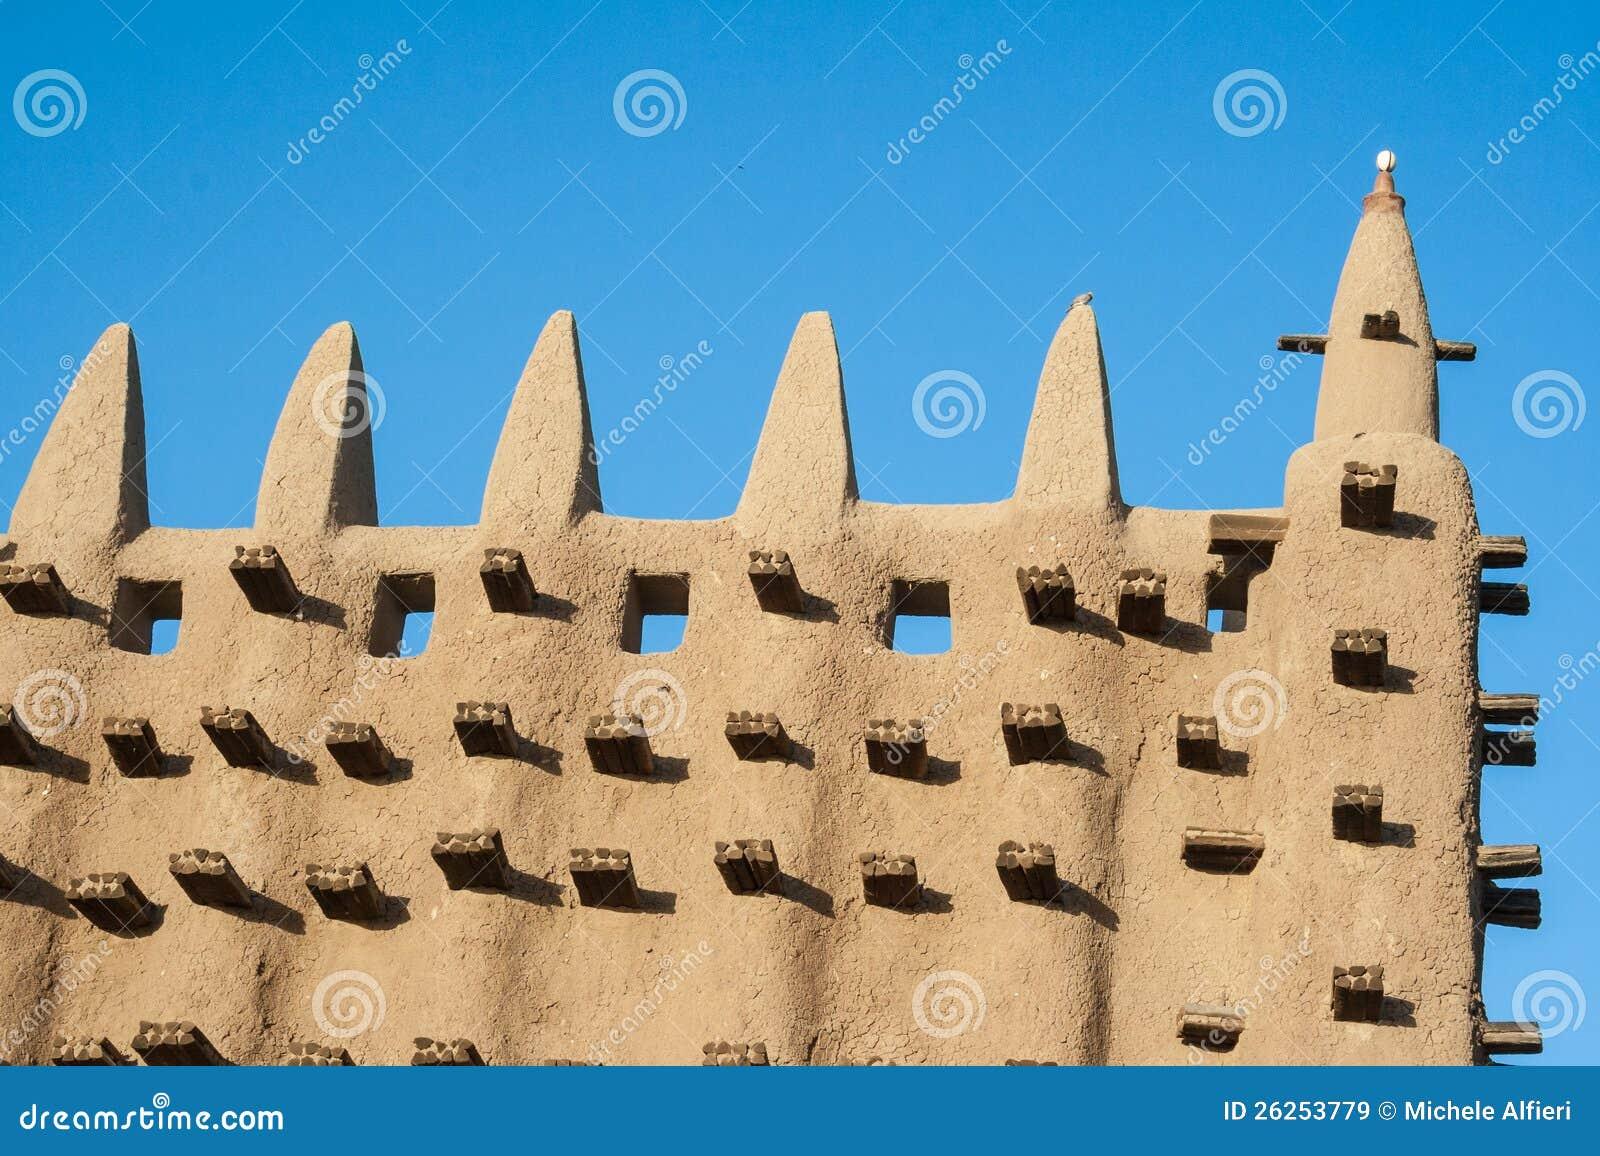 Detail der großen Moschee von Djenne, Mali.